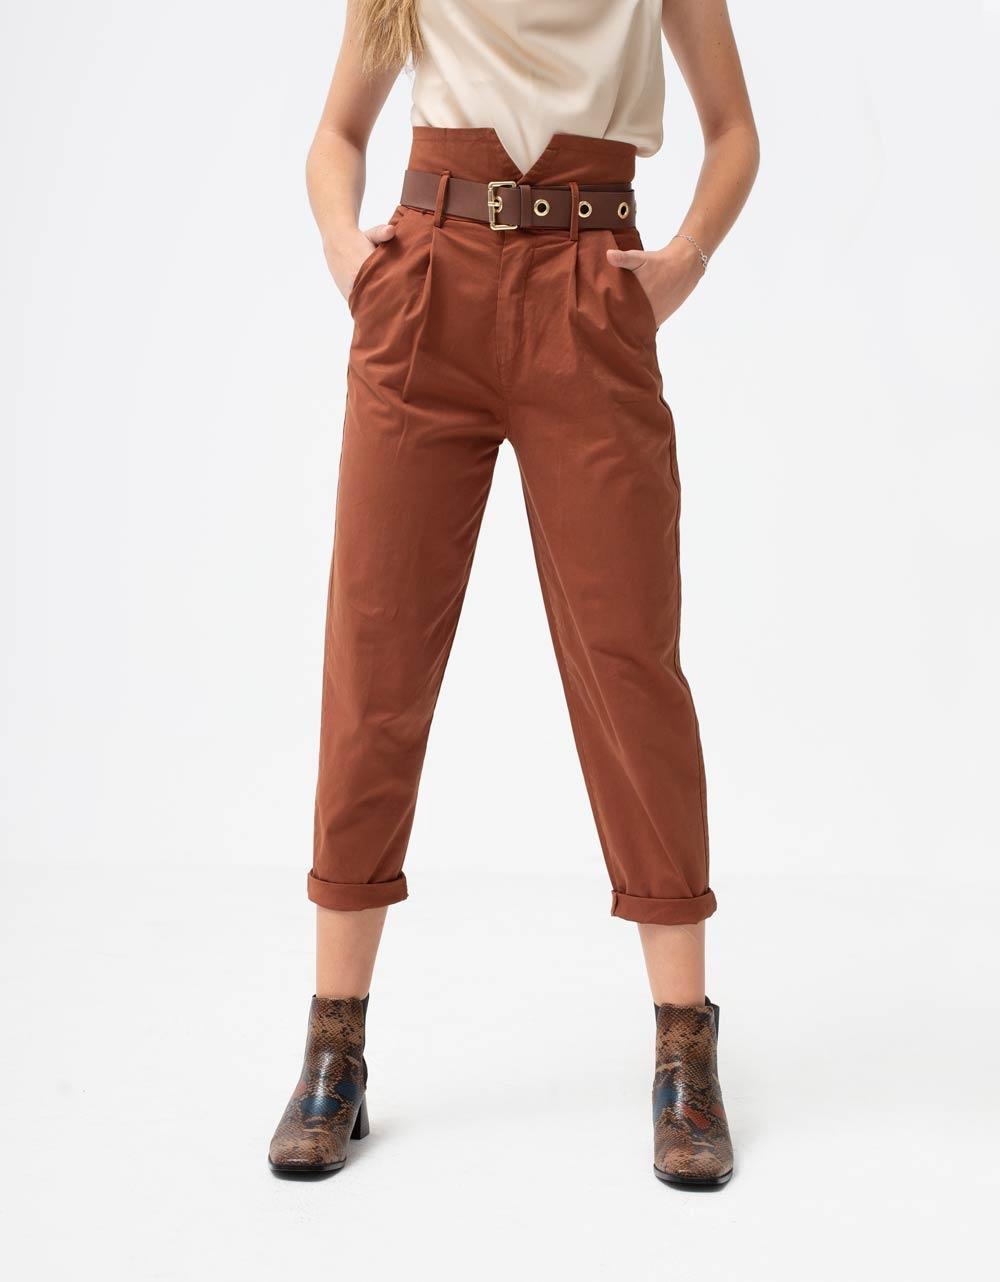 Εικόνα από Γυναικείο παντελόνι ψηλόμεσο με ζωνάκι Ταμπά